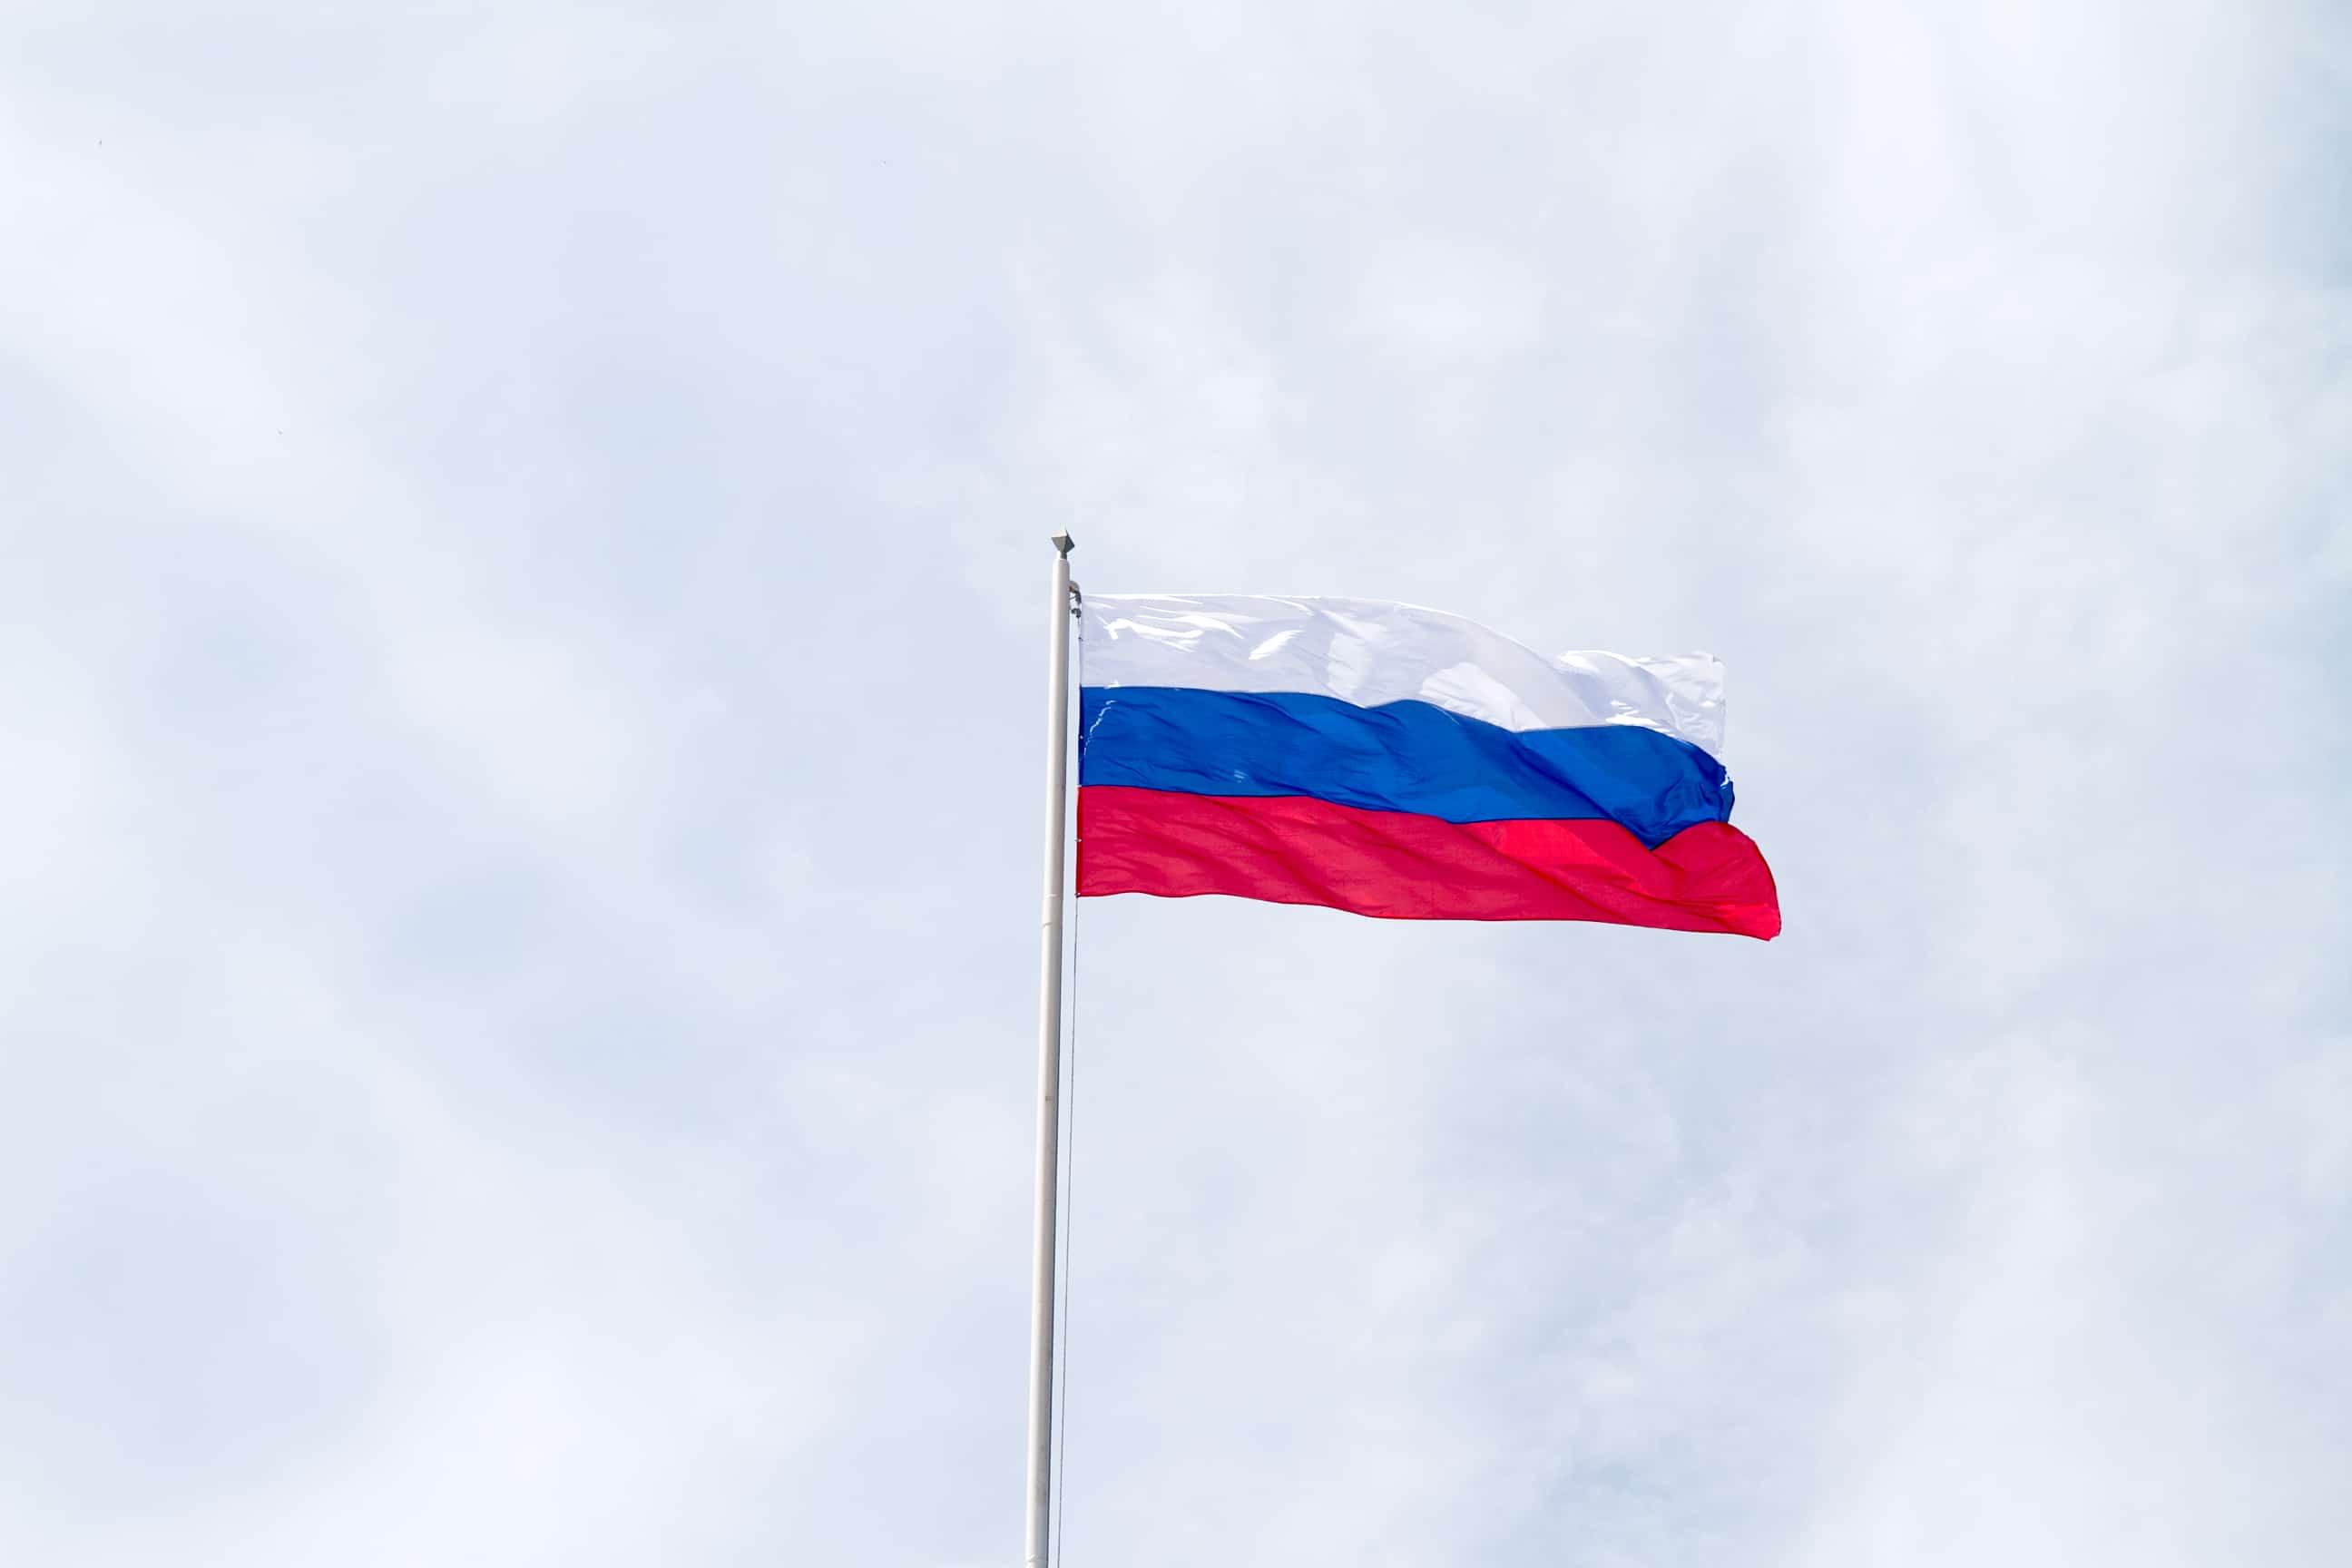 シベリア鉄道でロシアを横断